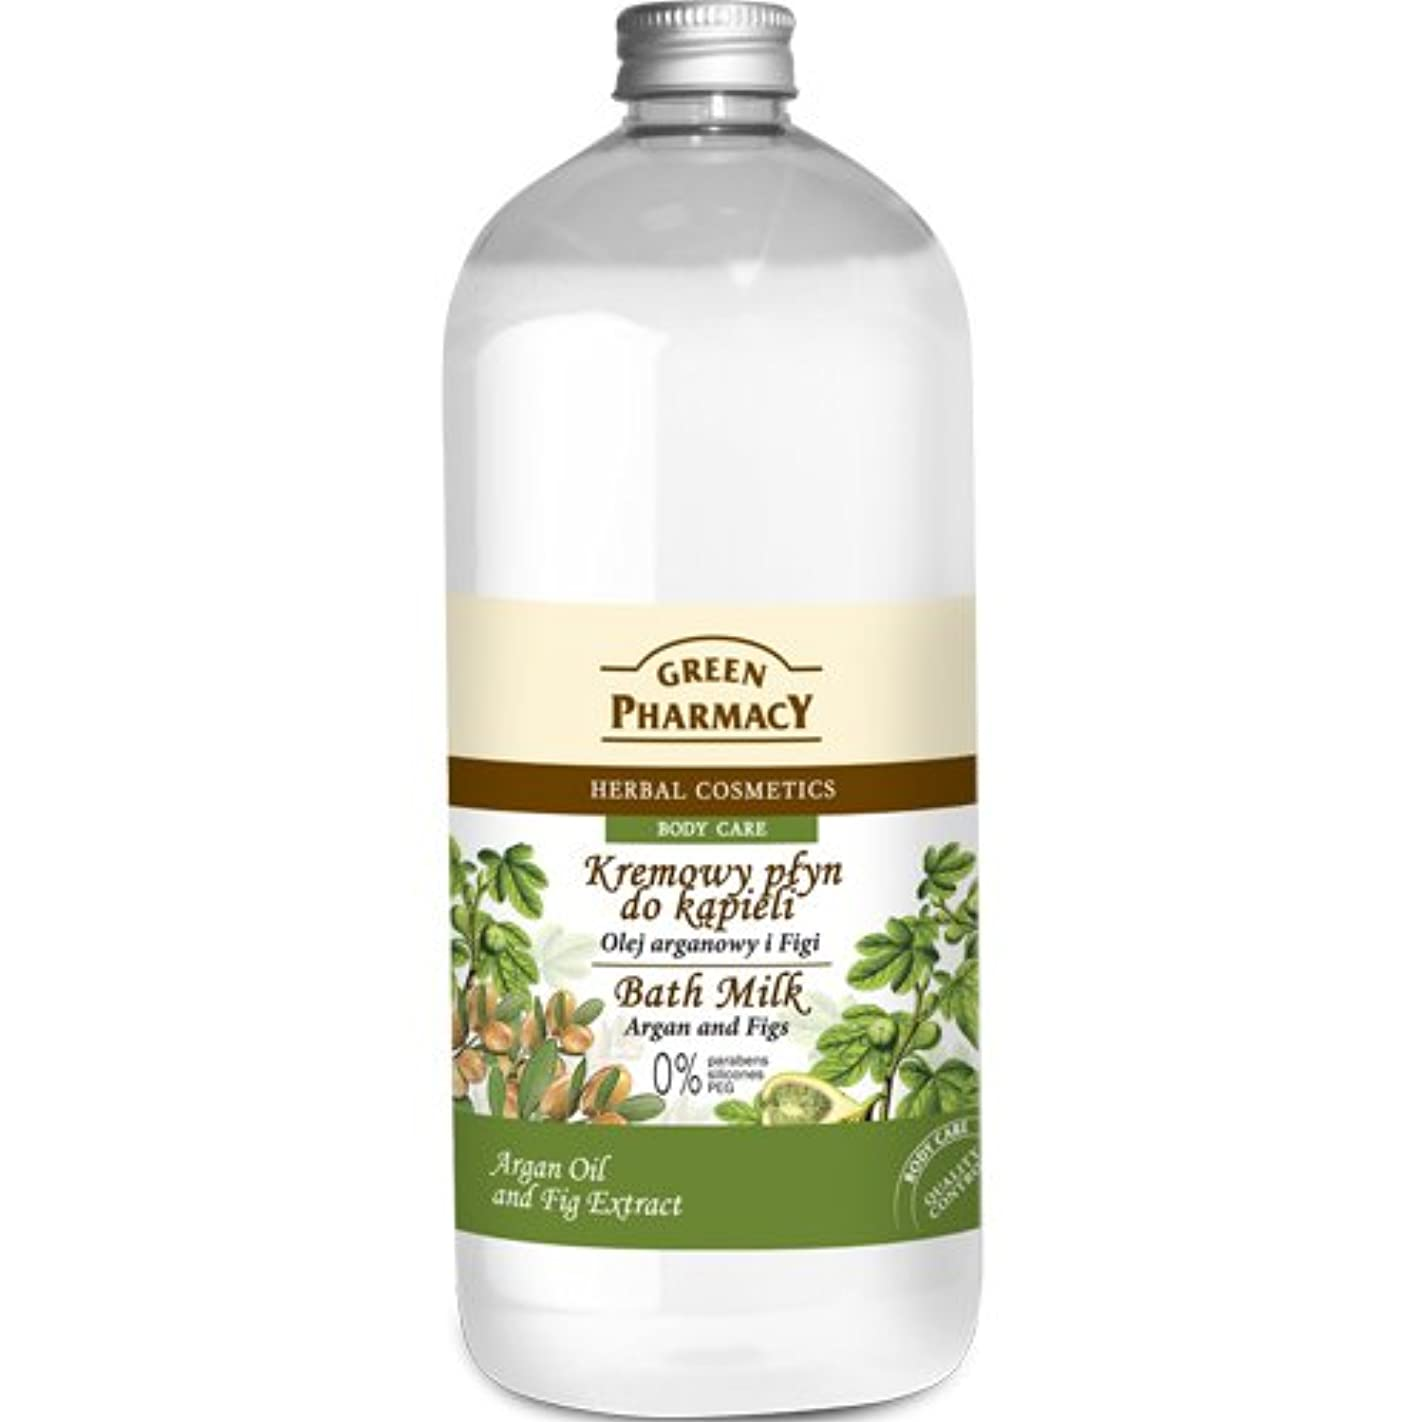 かみそりフリース世界の窓Elfa Pharm Green Pharmacy グリーンファーマシー Bath Milk バスミルク Argan Oil&Figs